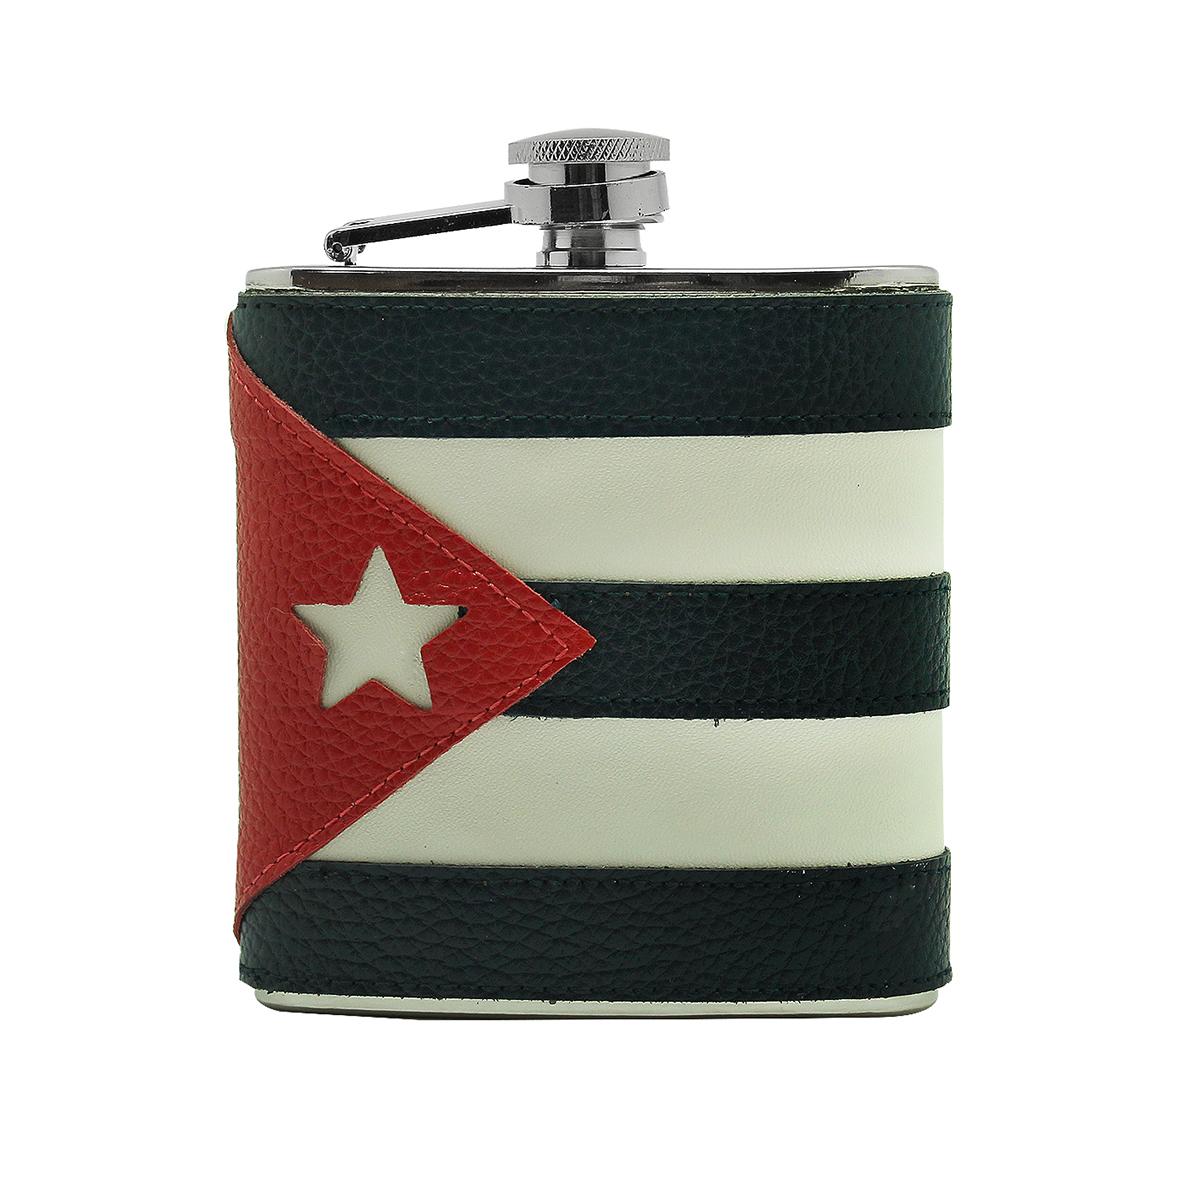 Фляга Экспедиция Куба, цвет: синий, белый, красный, 0,17 лeflgs-02Кожаная фляжка Куба - отличный подарок для почитателей прекрасной и свободолюбивой латиноамериканской страны! Эта подарочная фляга с изображением кубинского флага наилучшим образом подчеркивает необычный стиль своего обладателя, отображает его характер и независимый дух. Фляжка изготовлена из нержавеющей стали с обшивкой из натуральной кожи - классическое сочетание, неподвластное течению времени. Кожаная фляжка Куба очень компактна и практична: она занимает совсем немного места в вашем кармане, рюкзаке или сумке, так что ее постоянно можно брать с собой в любые путешествия. Сделайте себе или близким отличный подарок, всегда радующий глаз! Характеристики флагофляги Куба: - материал - нержавеющая сталь; - отделка - натуральная кожа; - объем - 0,17 л; - размеры - 95 х 115 х 30 мм.